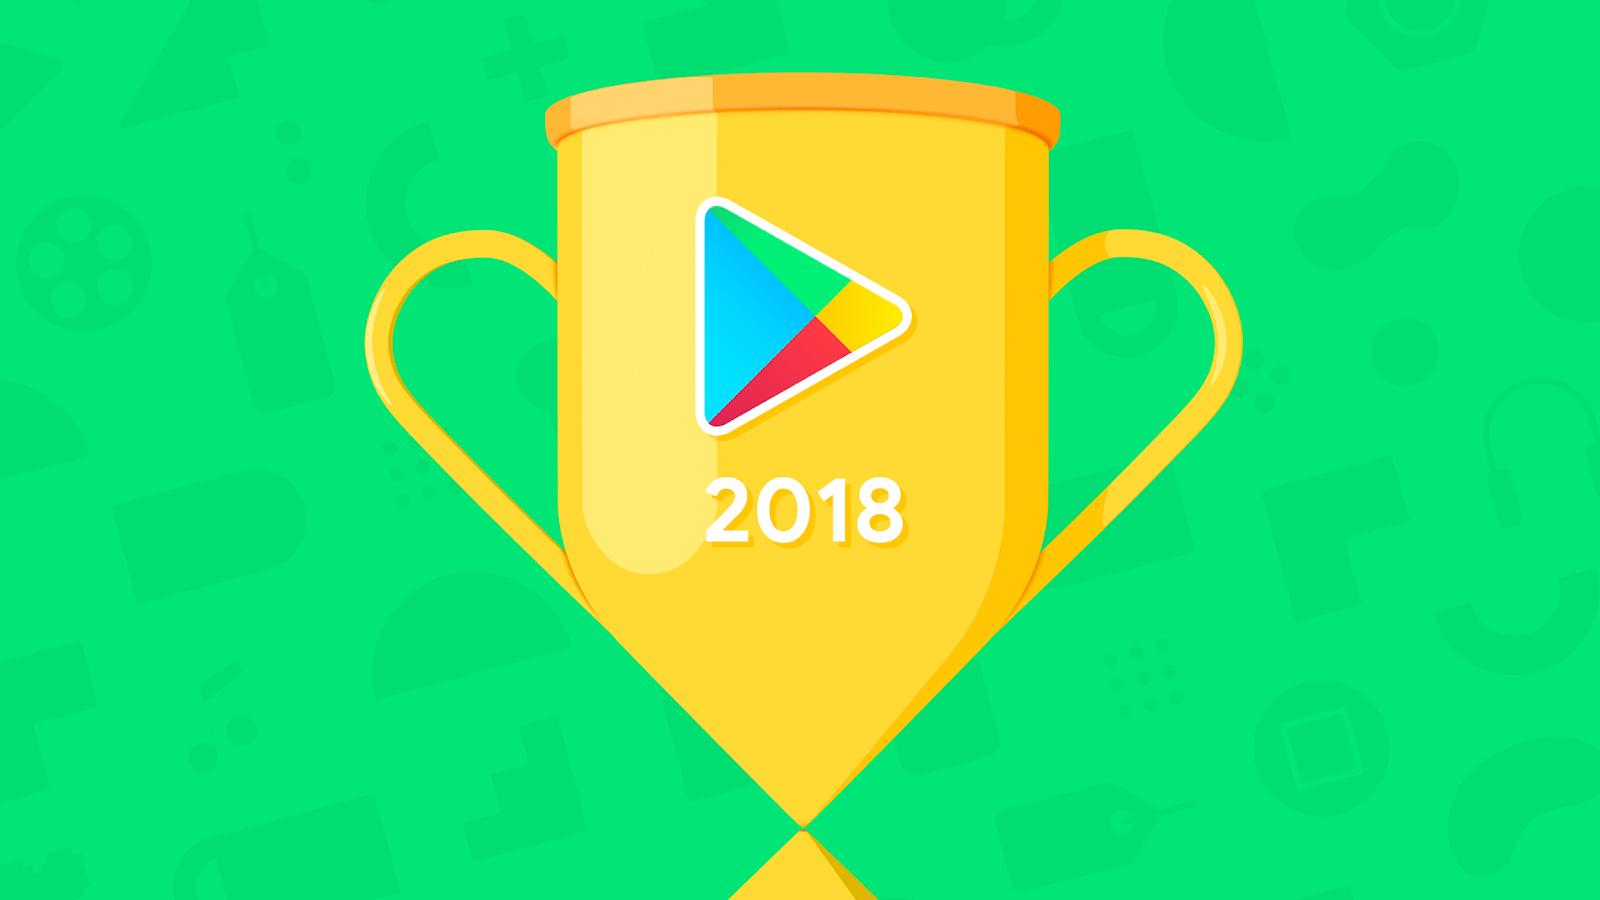 TOP – Lo mejor de Google Play en 2018 según Google